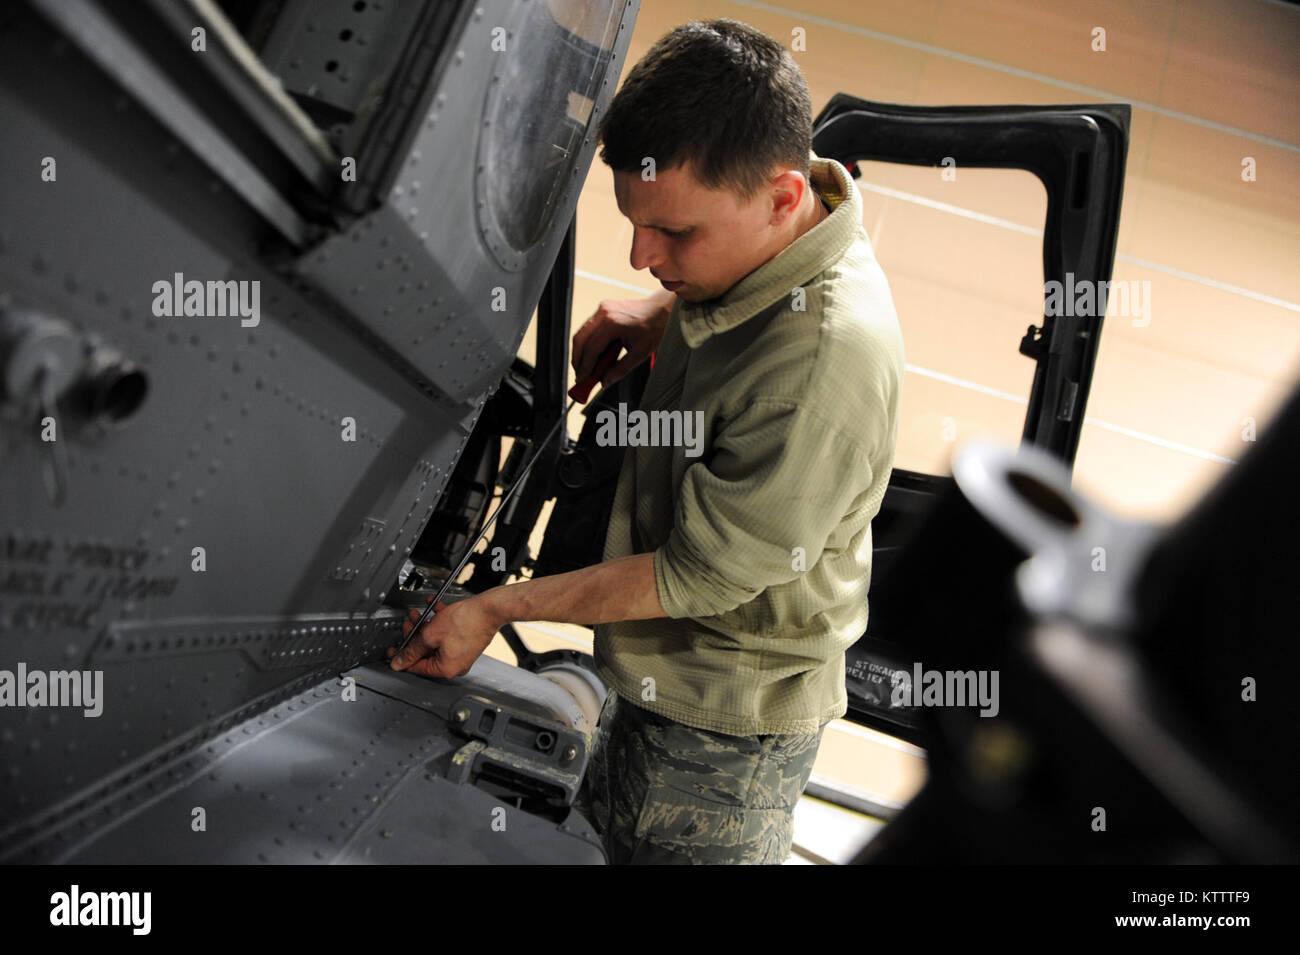 Amxs Stock Photos Images